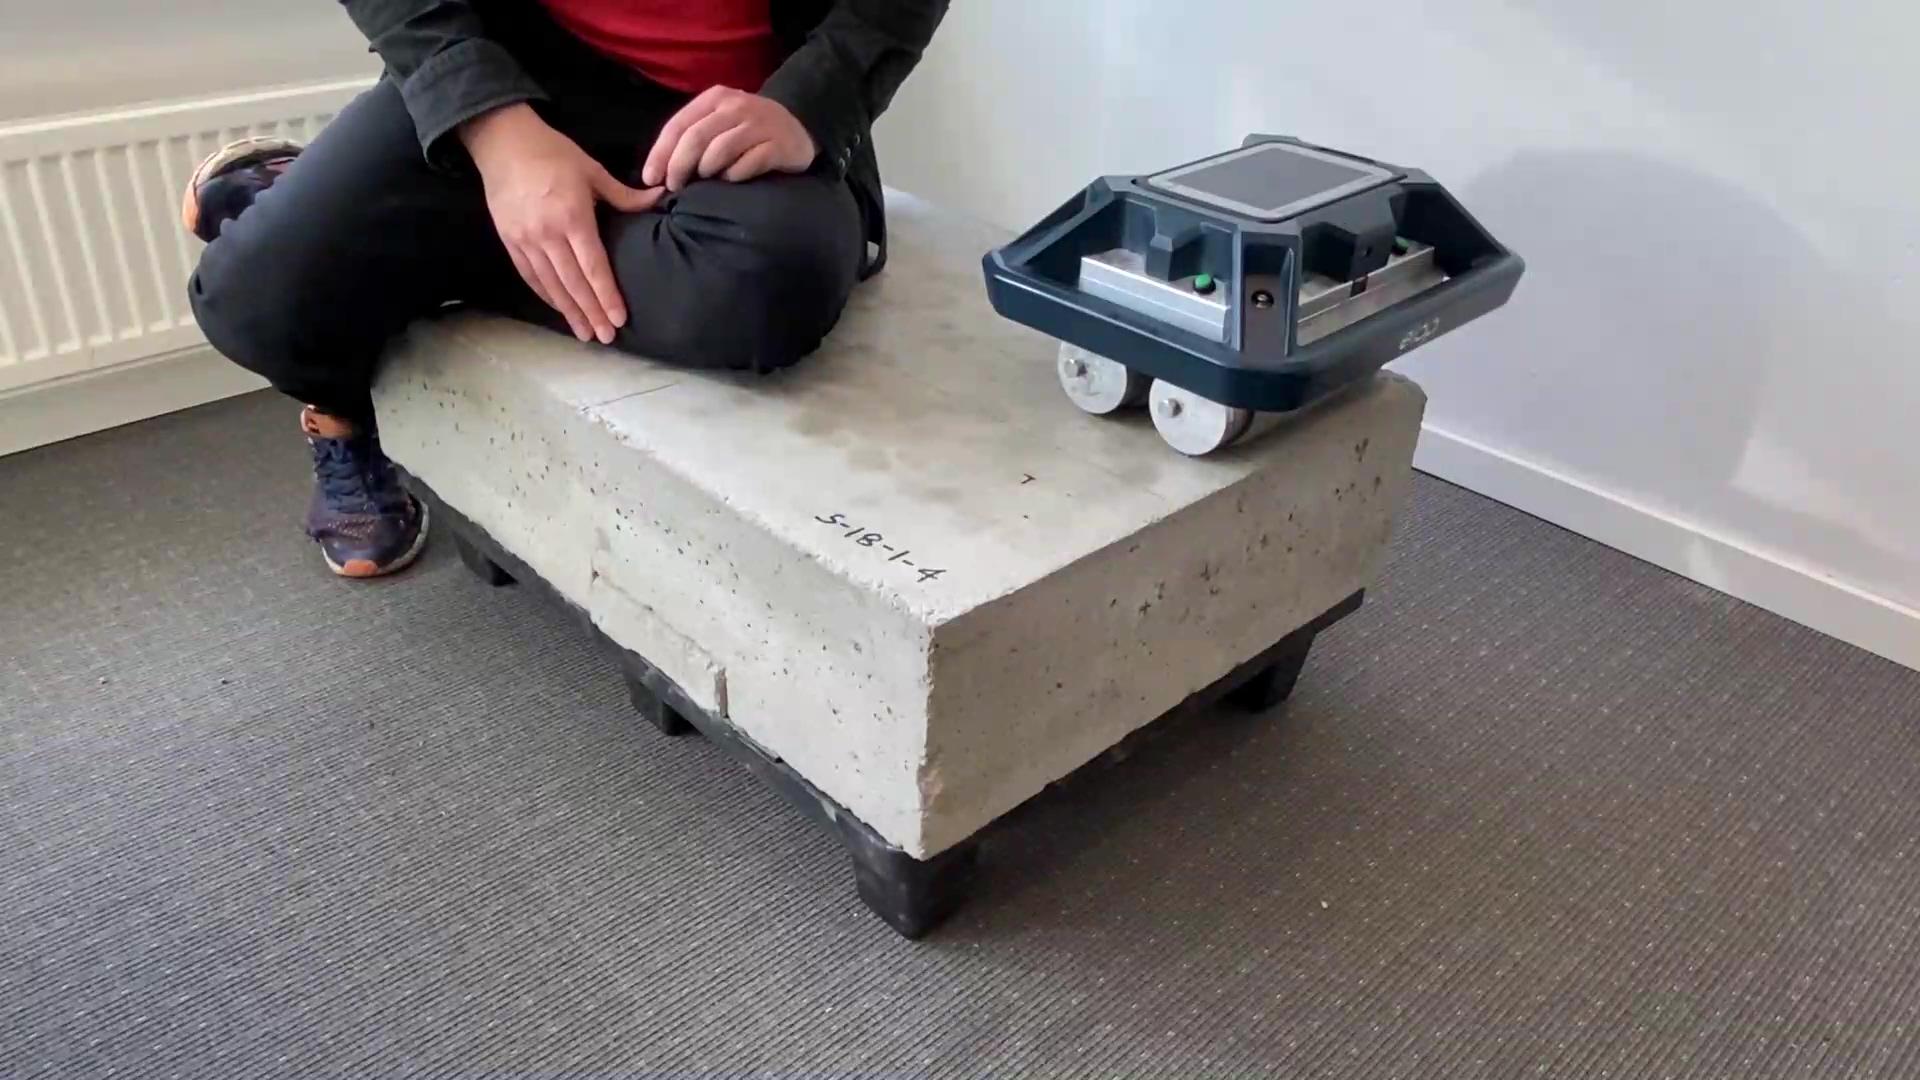 The concrete test slab